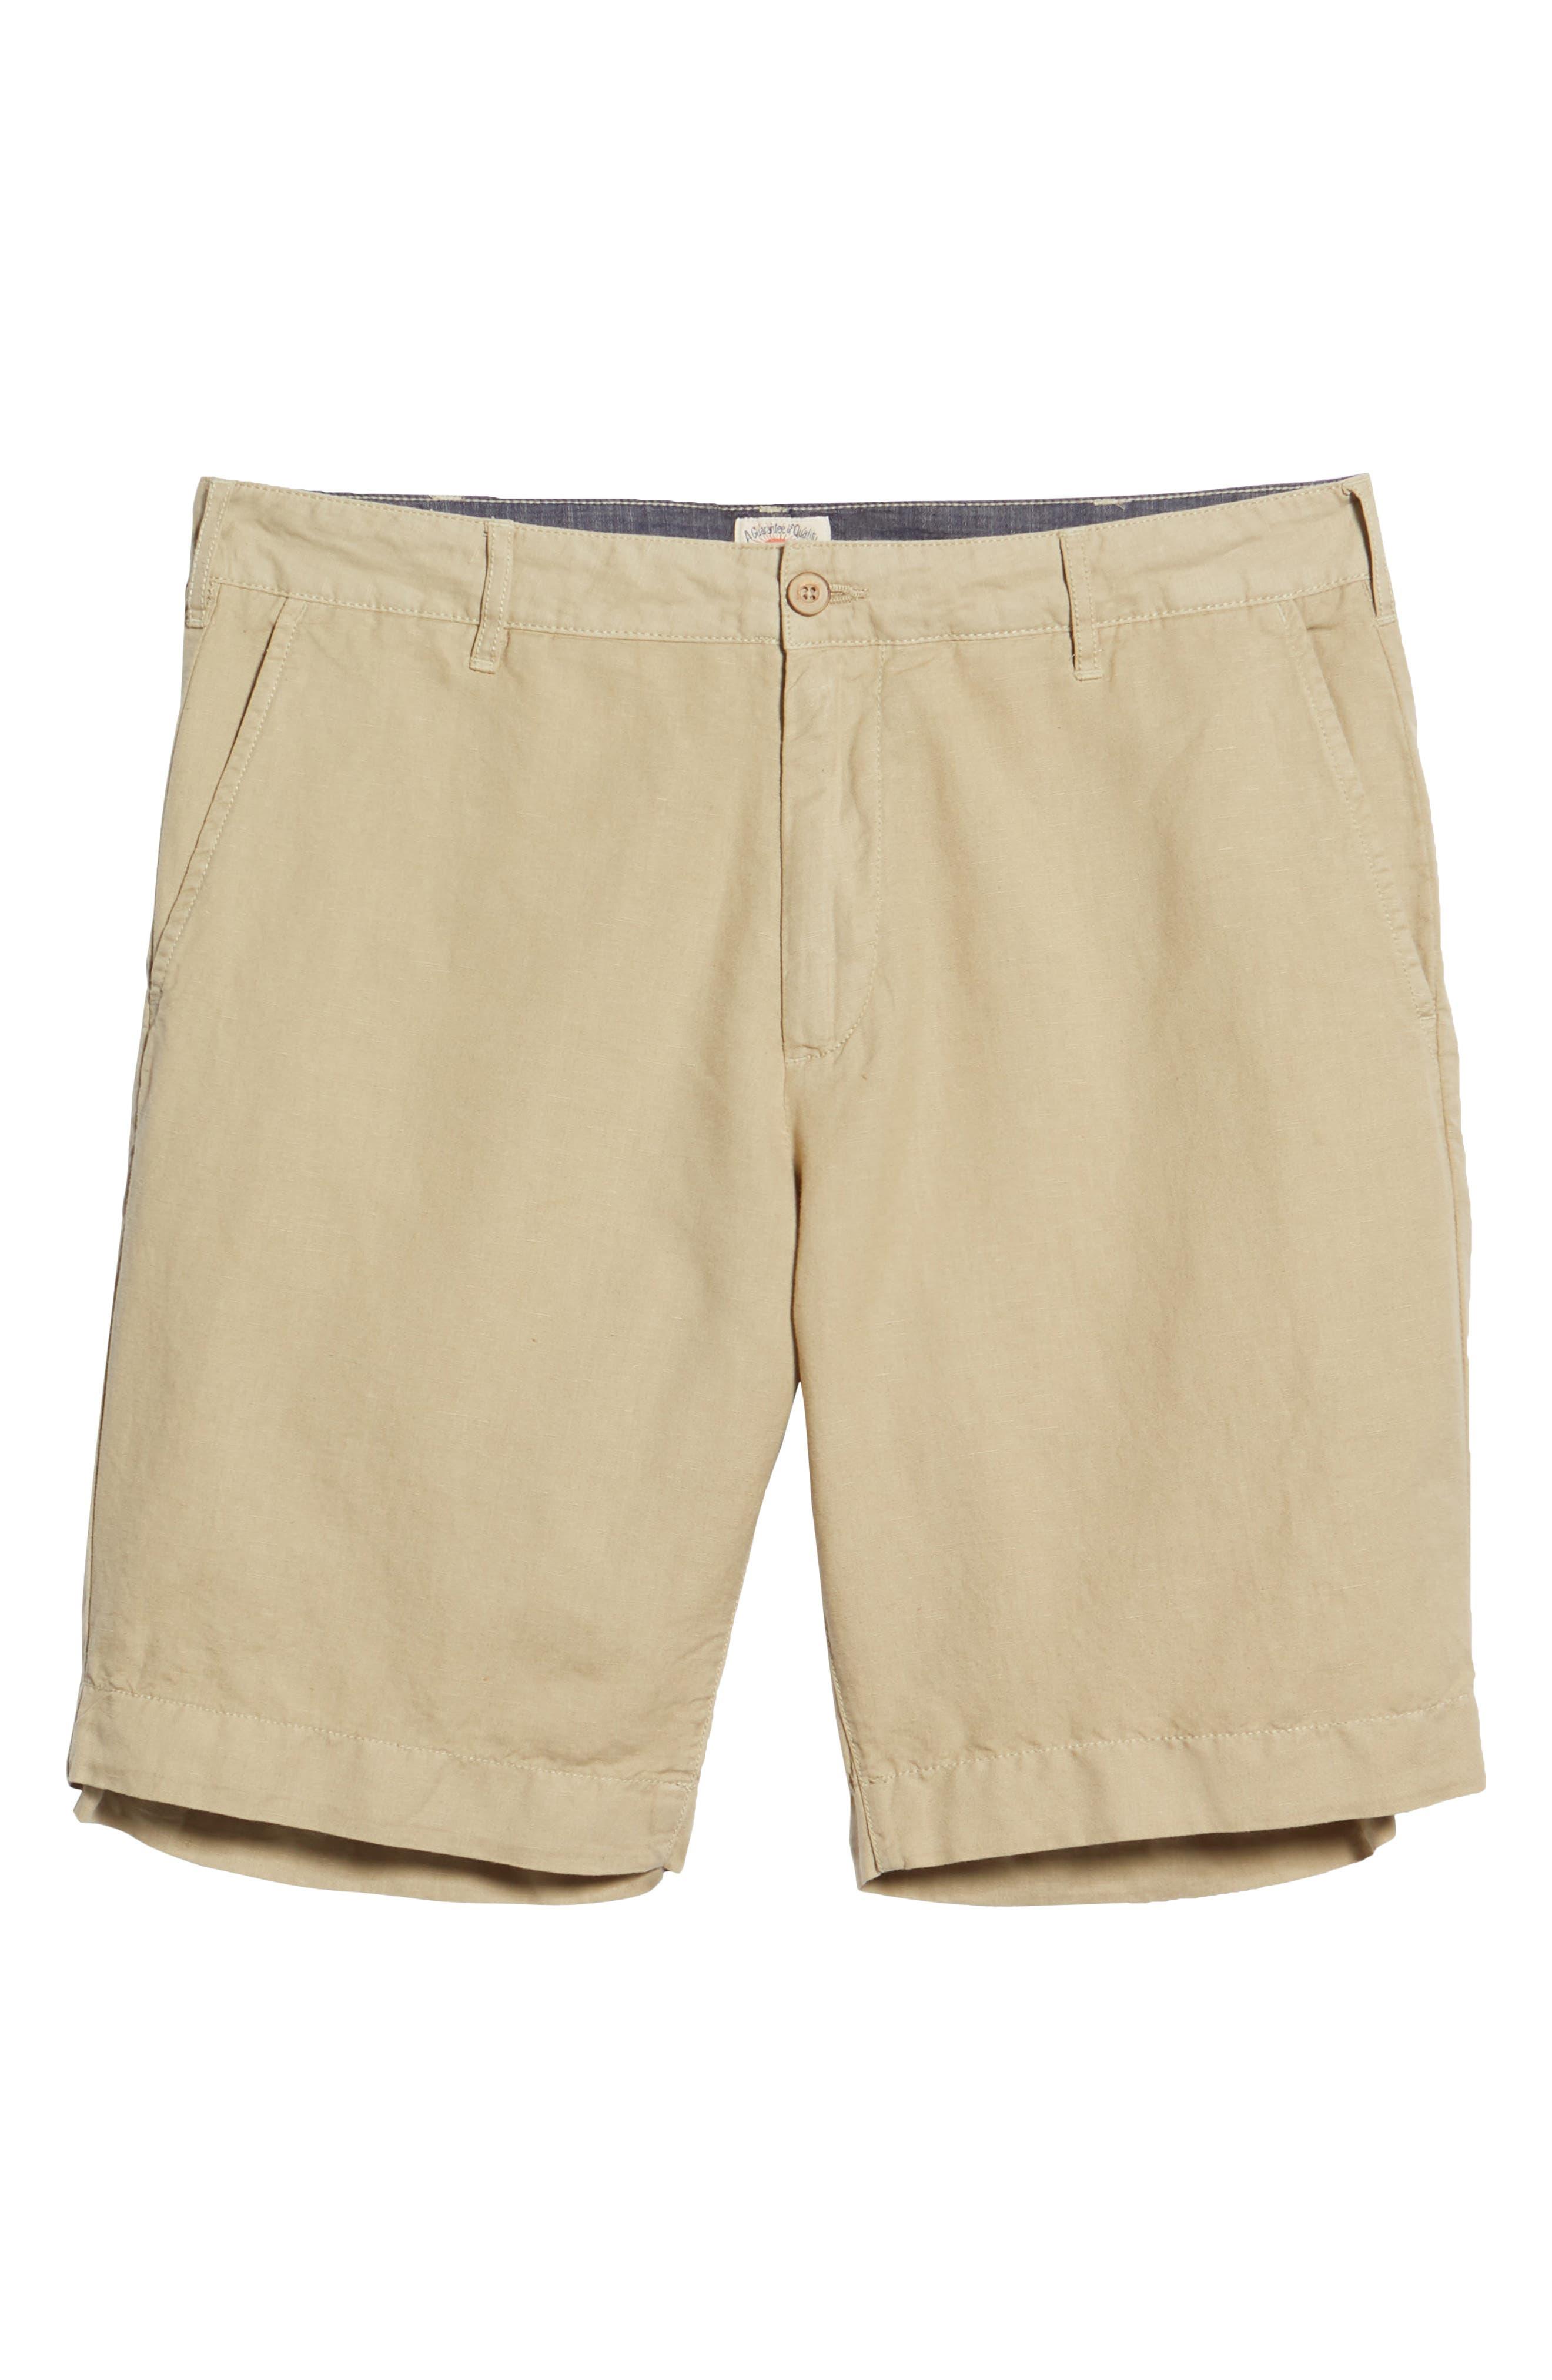 Malibu Shorts,                             Alternate thumbnail 6, color,                             KHAKI